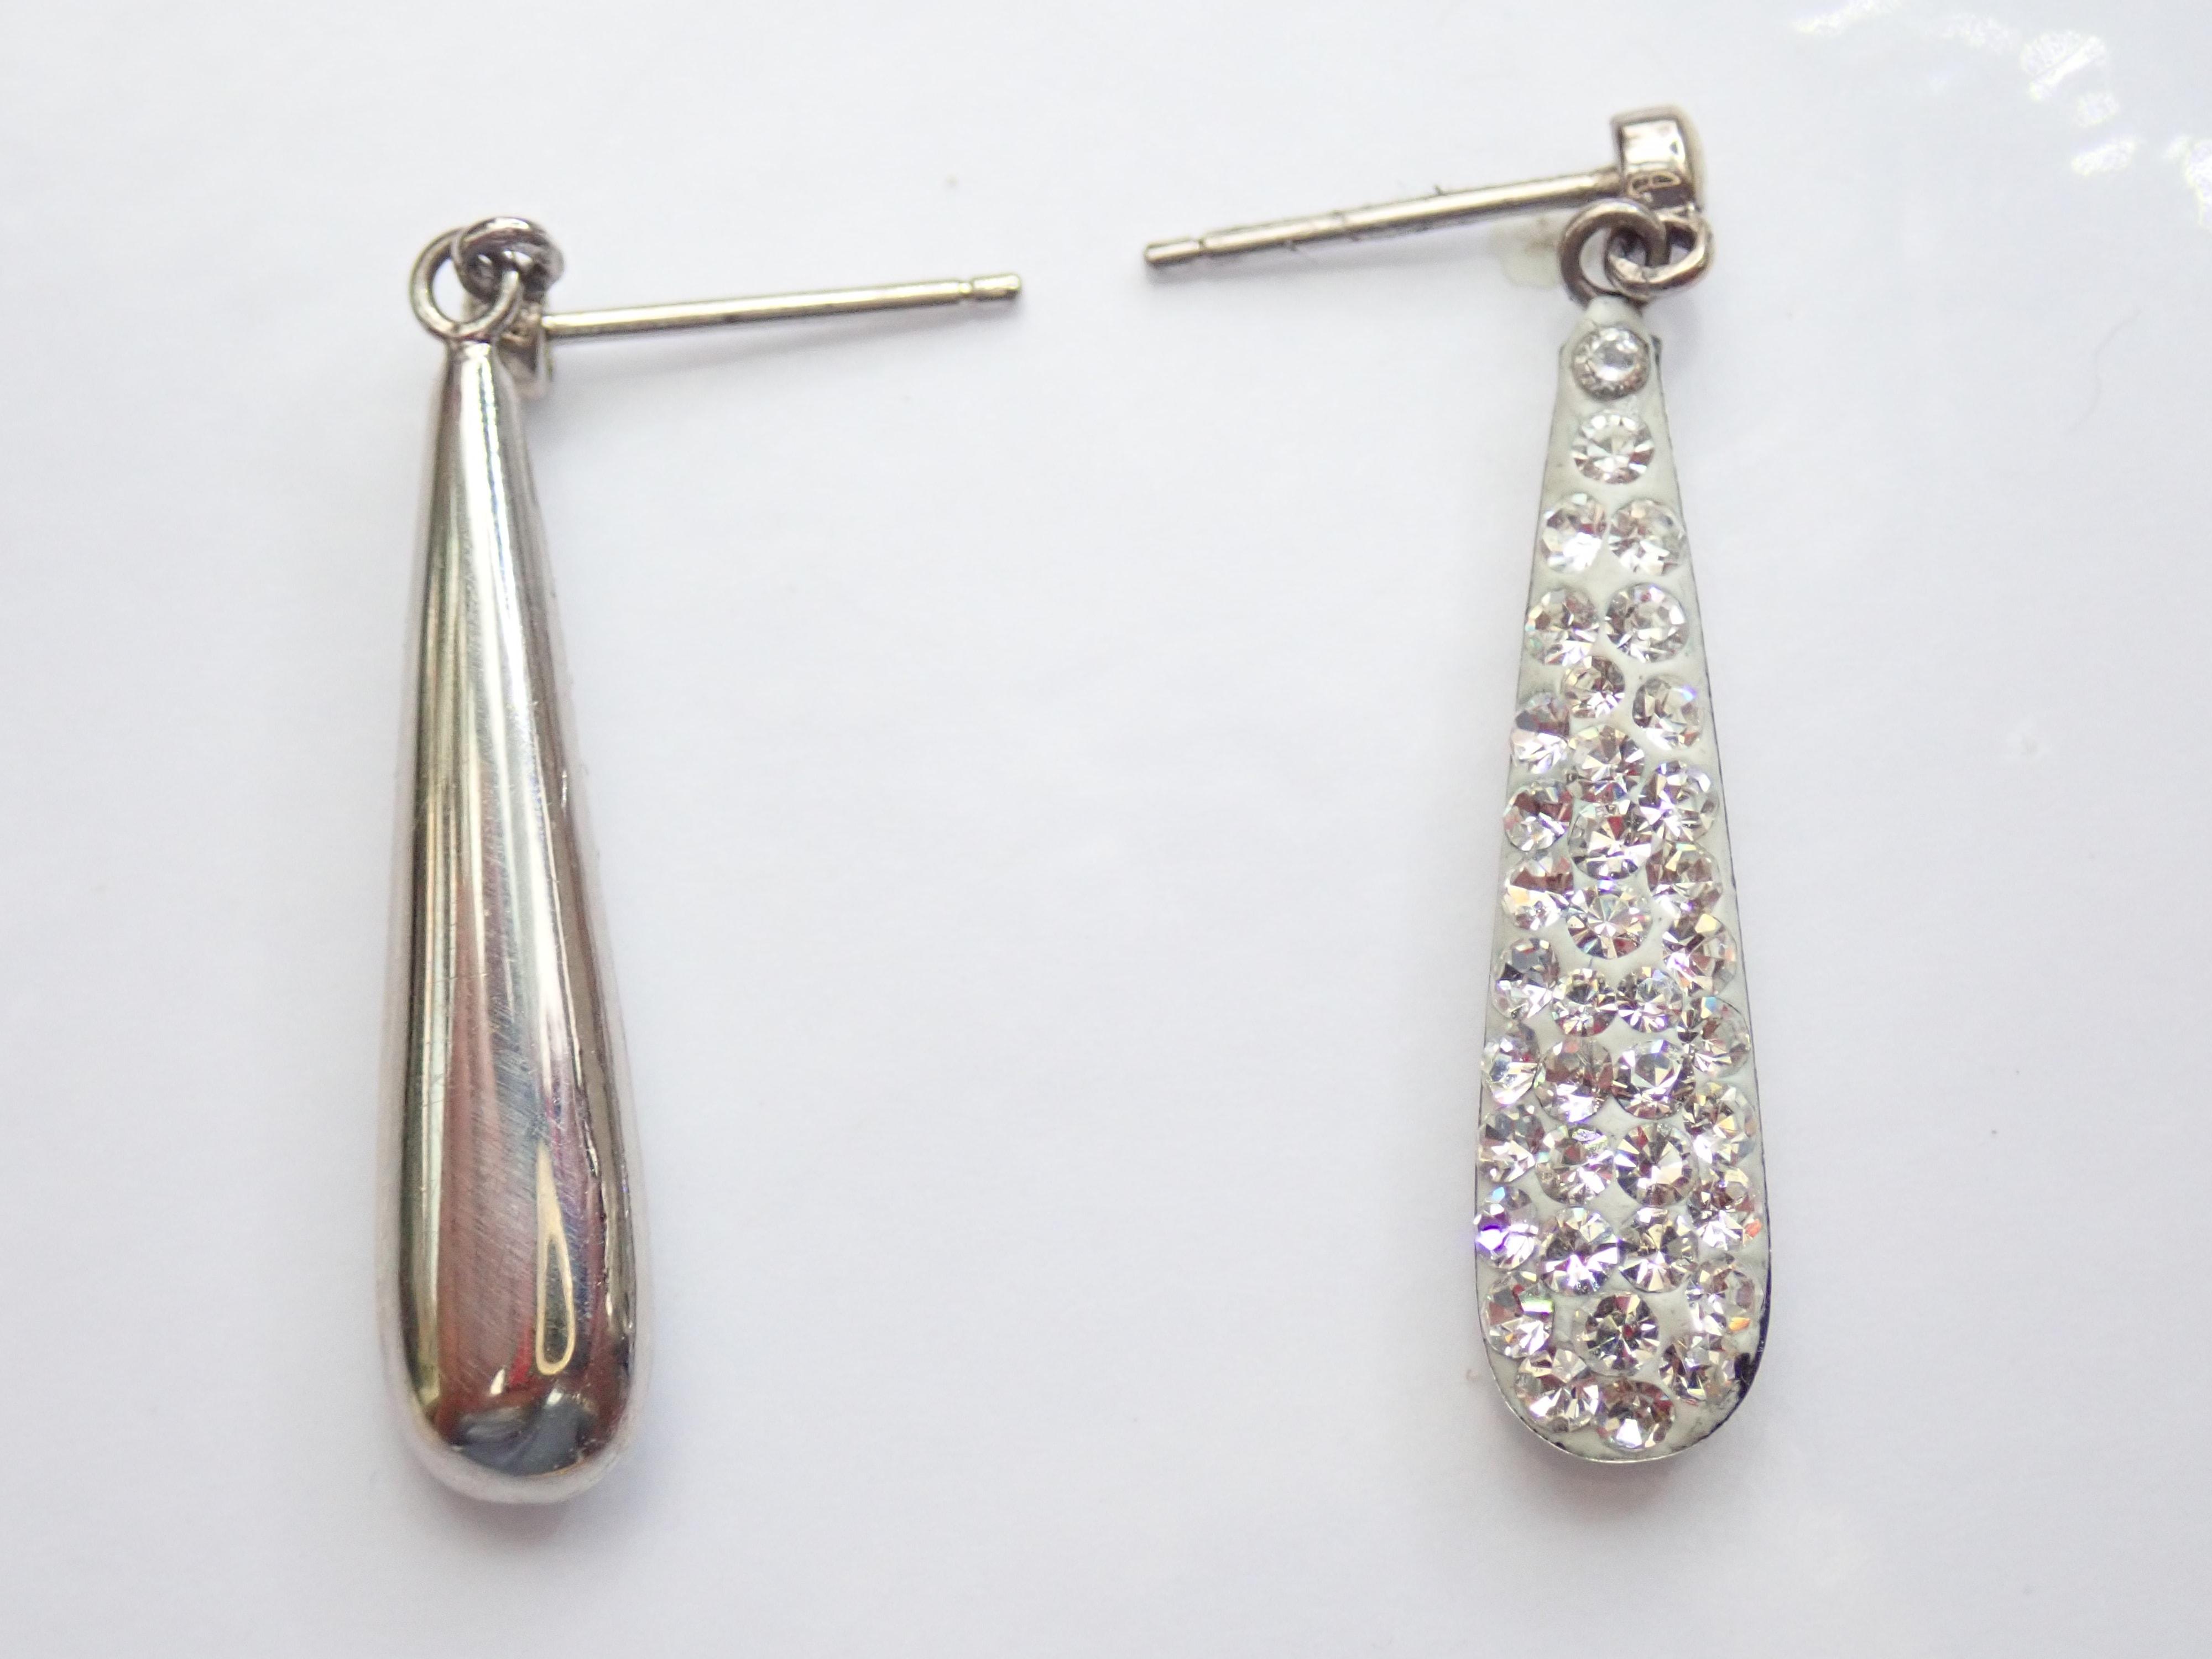 9k White Gold Cubic Zirconia Bomb Drop Dangly Earrings & Butterfly's 1.50gms #20